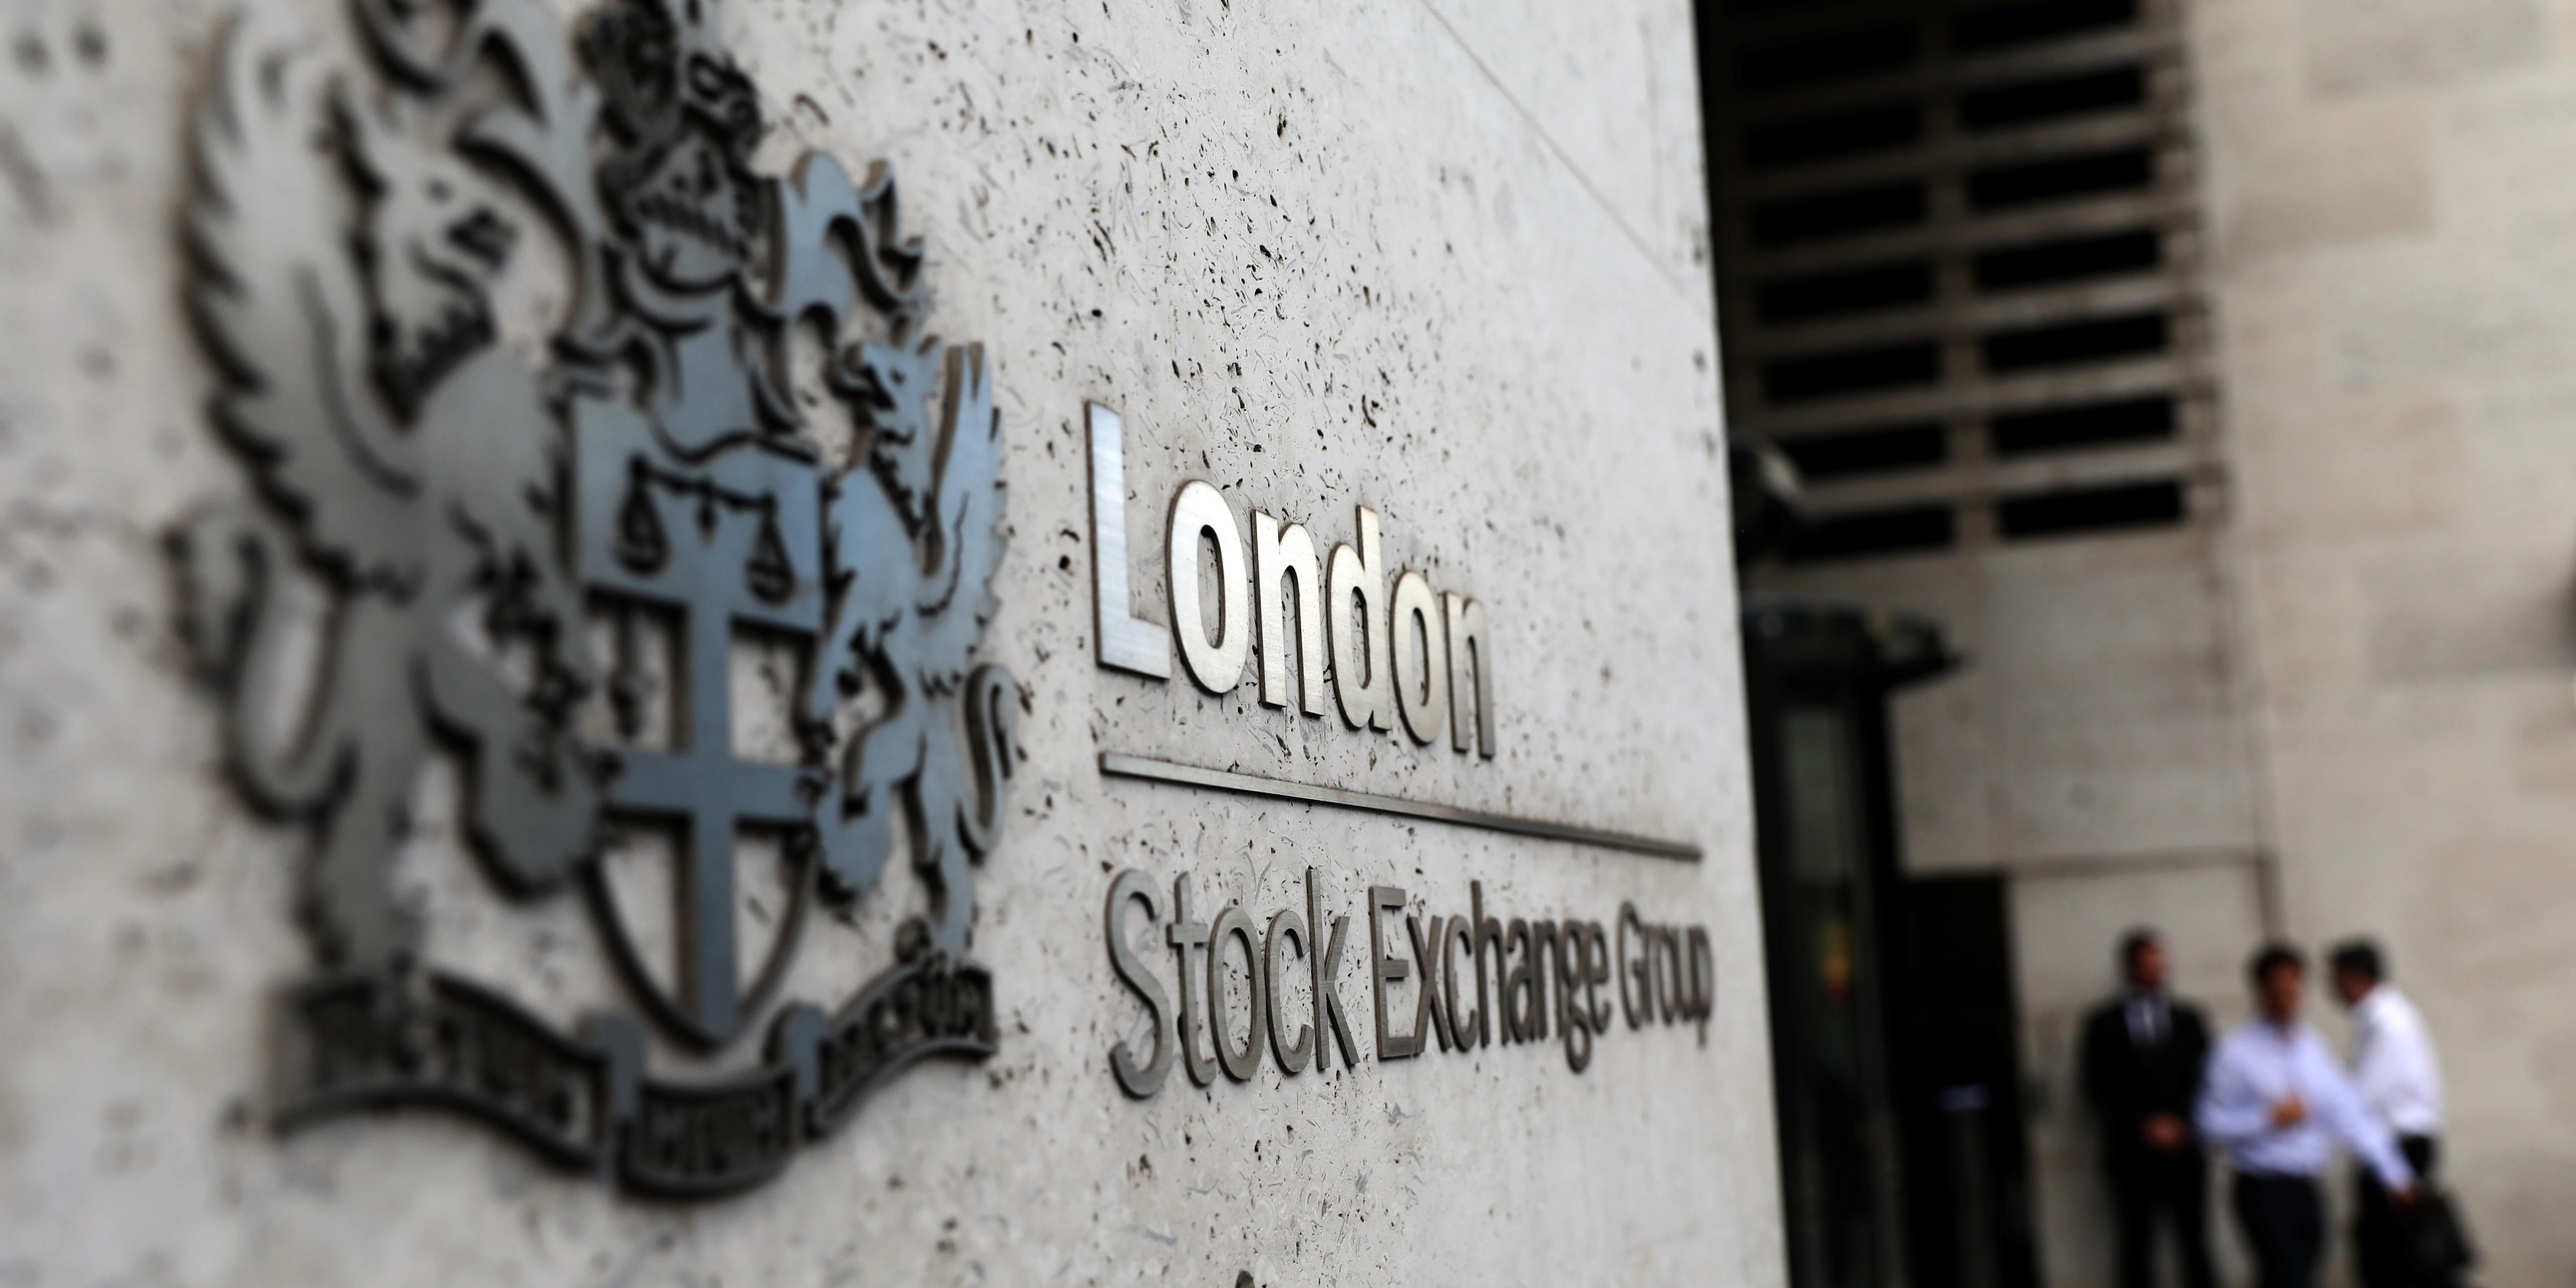 bourse-londres-london-stock-exchange